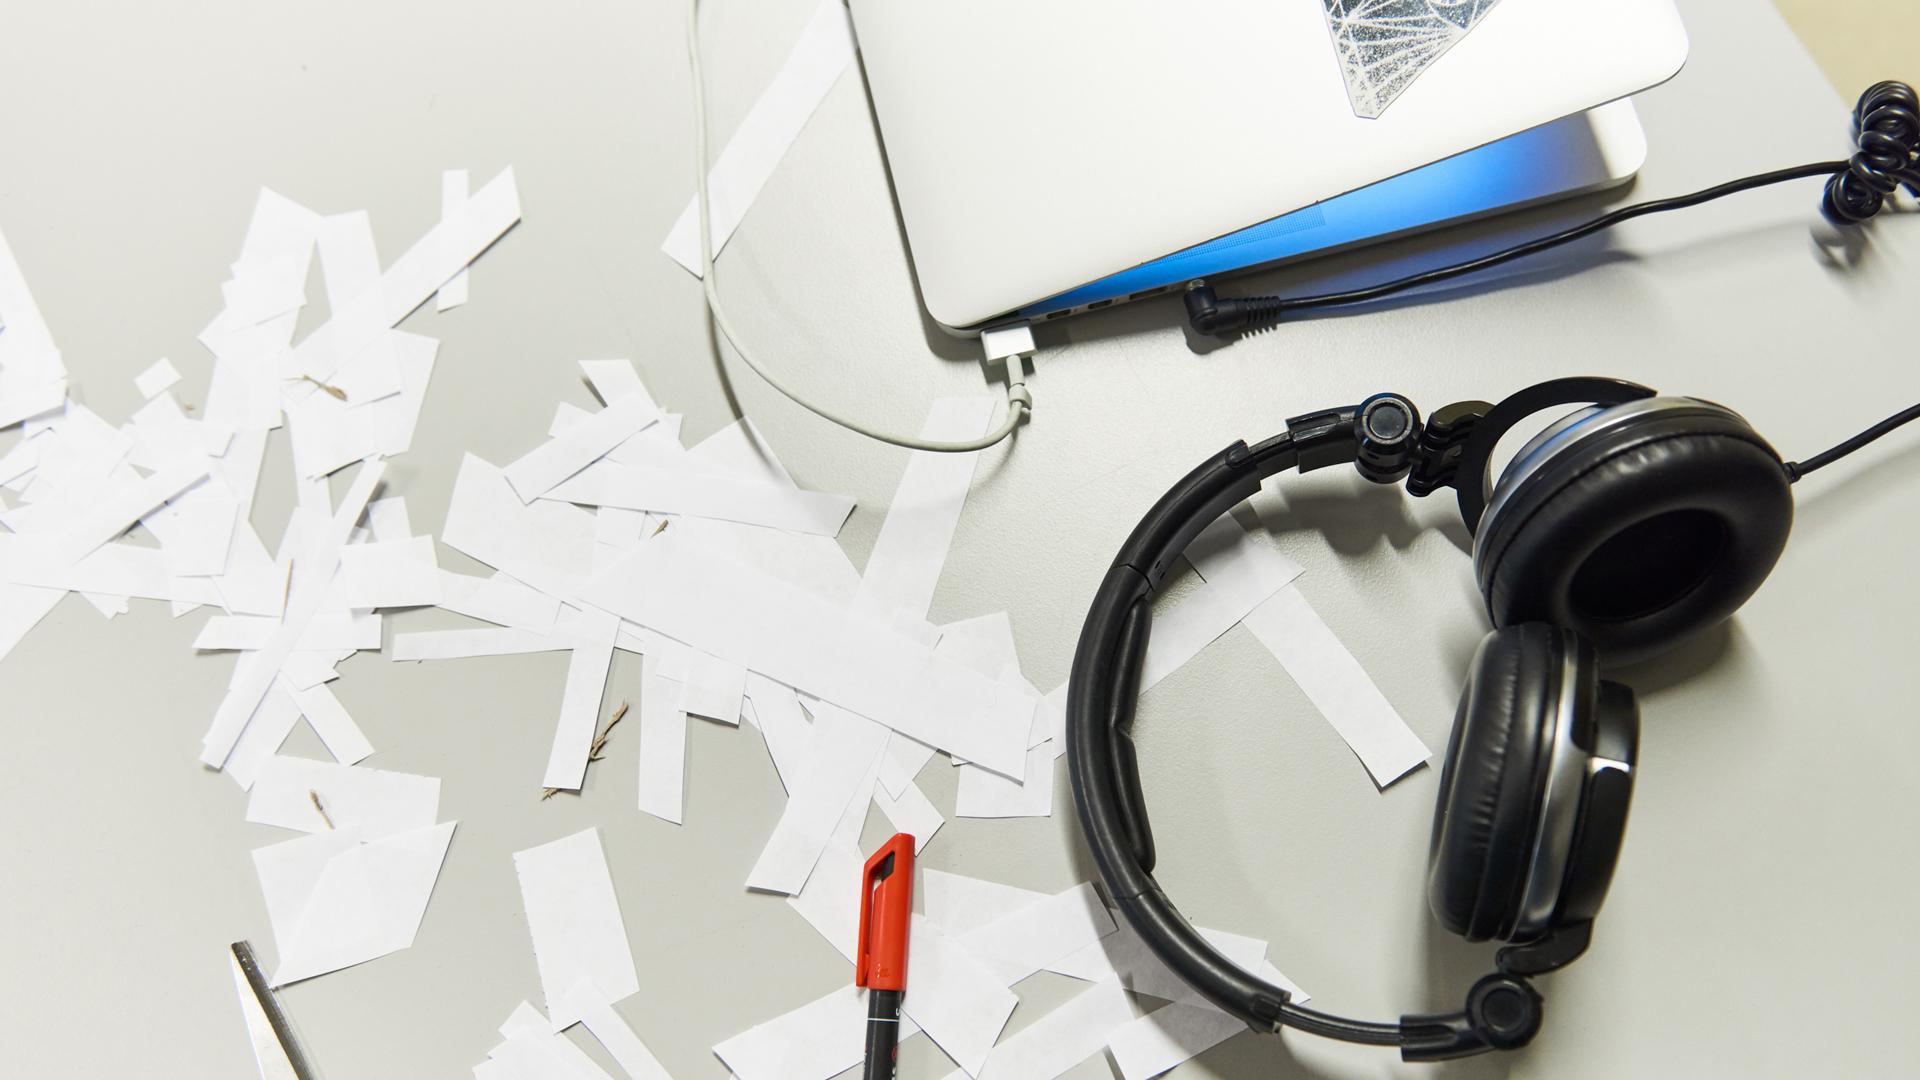 Tietokone, kuulokkeet ja paperisilppua pöydällä